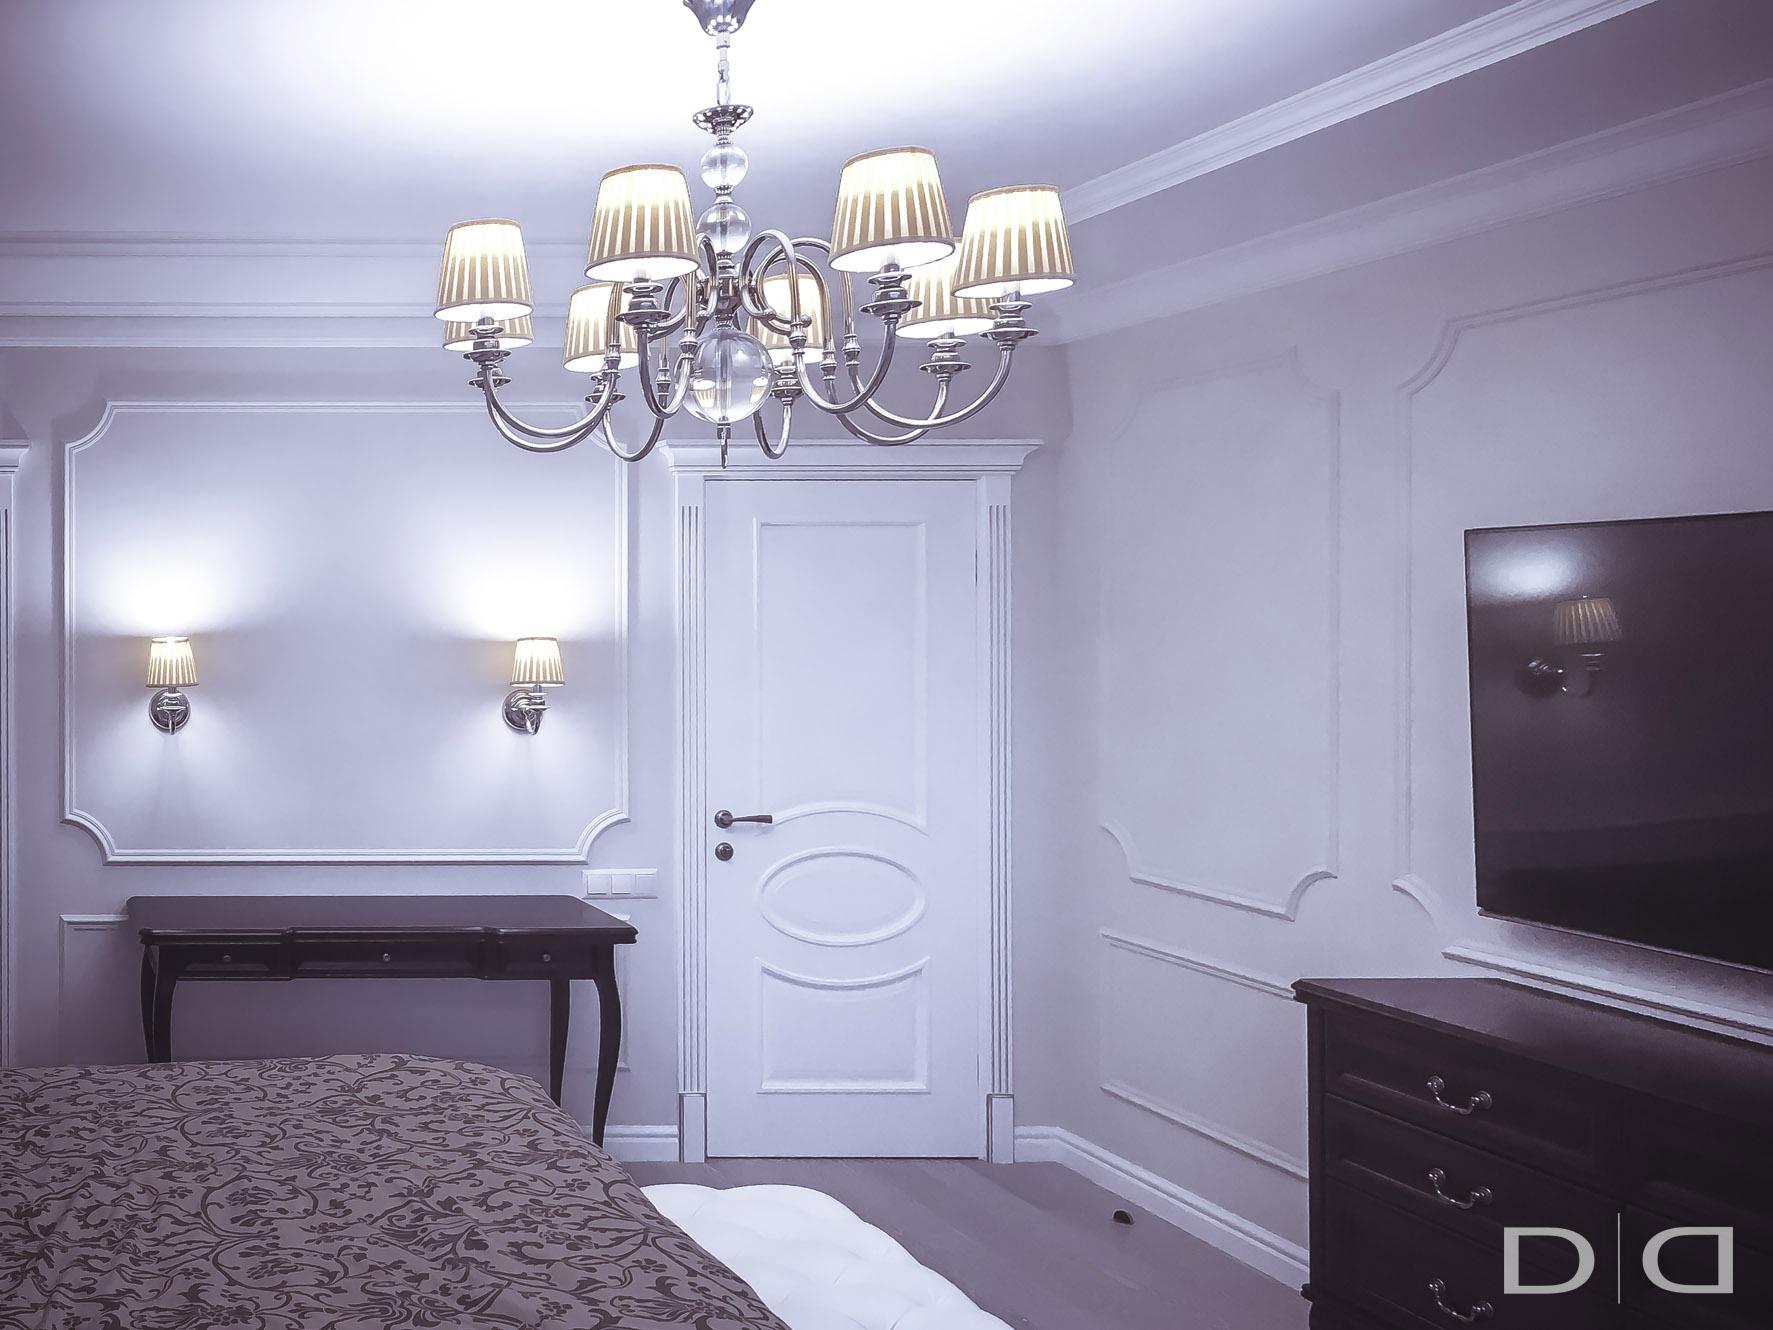 101_dd-interior_studio_design_project_minsk_009-11